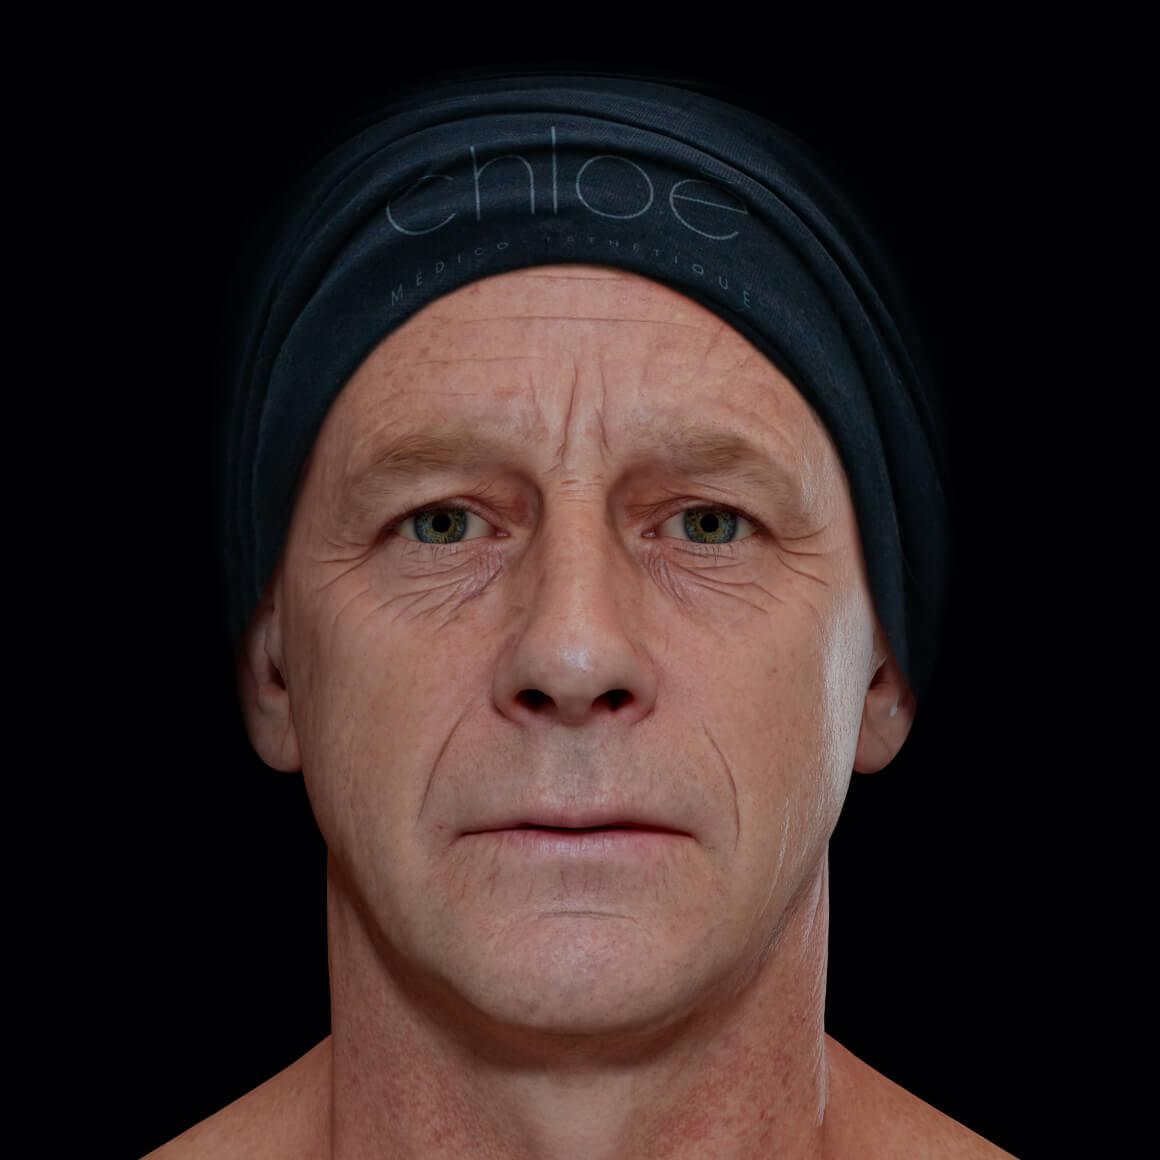 Patient de la Clinique Chloé positionné de face ayant rides et ridules au niveau du visage et une glabelle prononcée